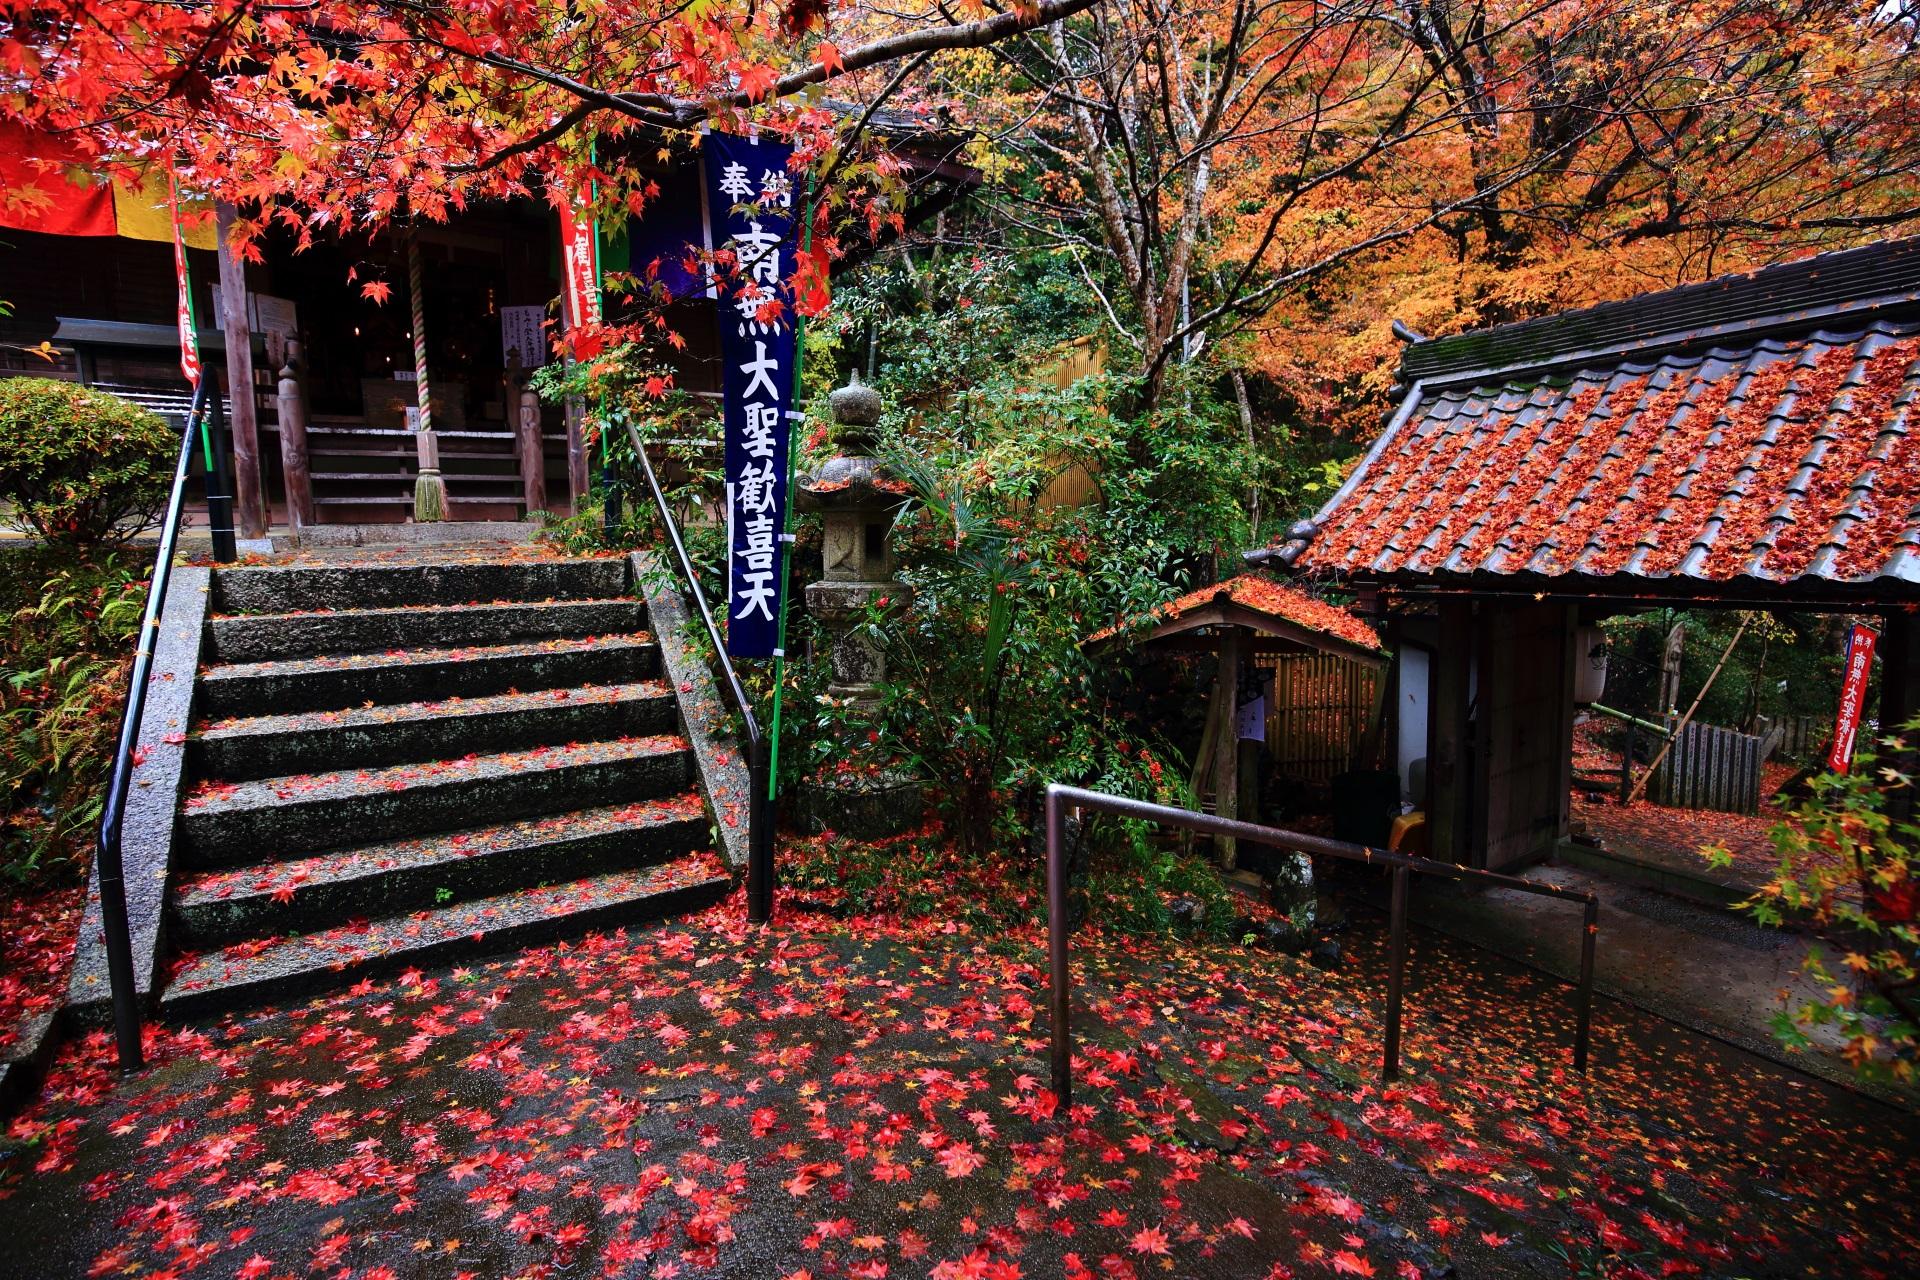 双林院の山門の内側と南無大聖歓喜天前の雨で潤う見事な散り紅葉